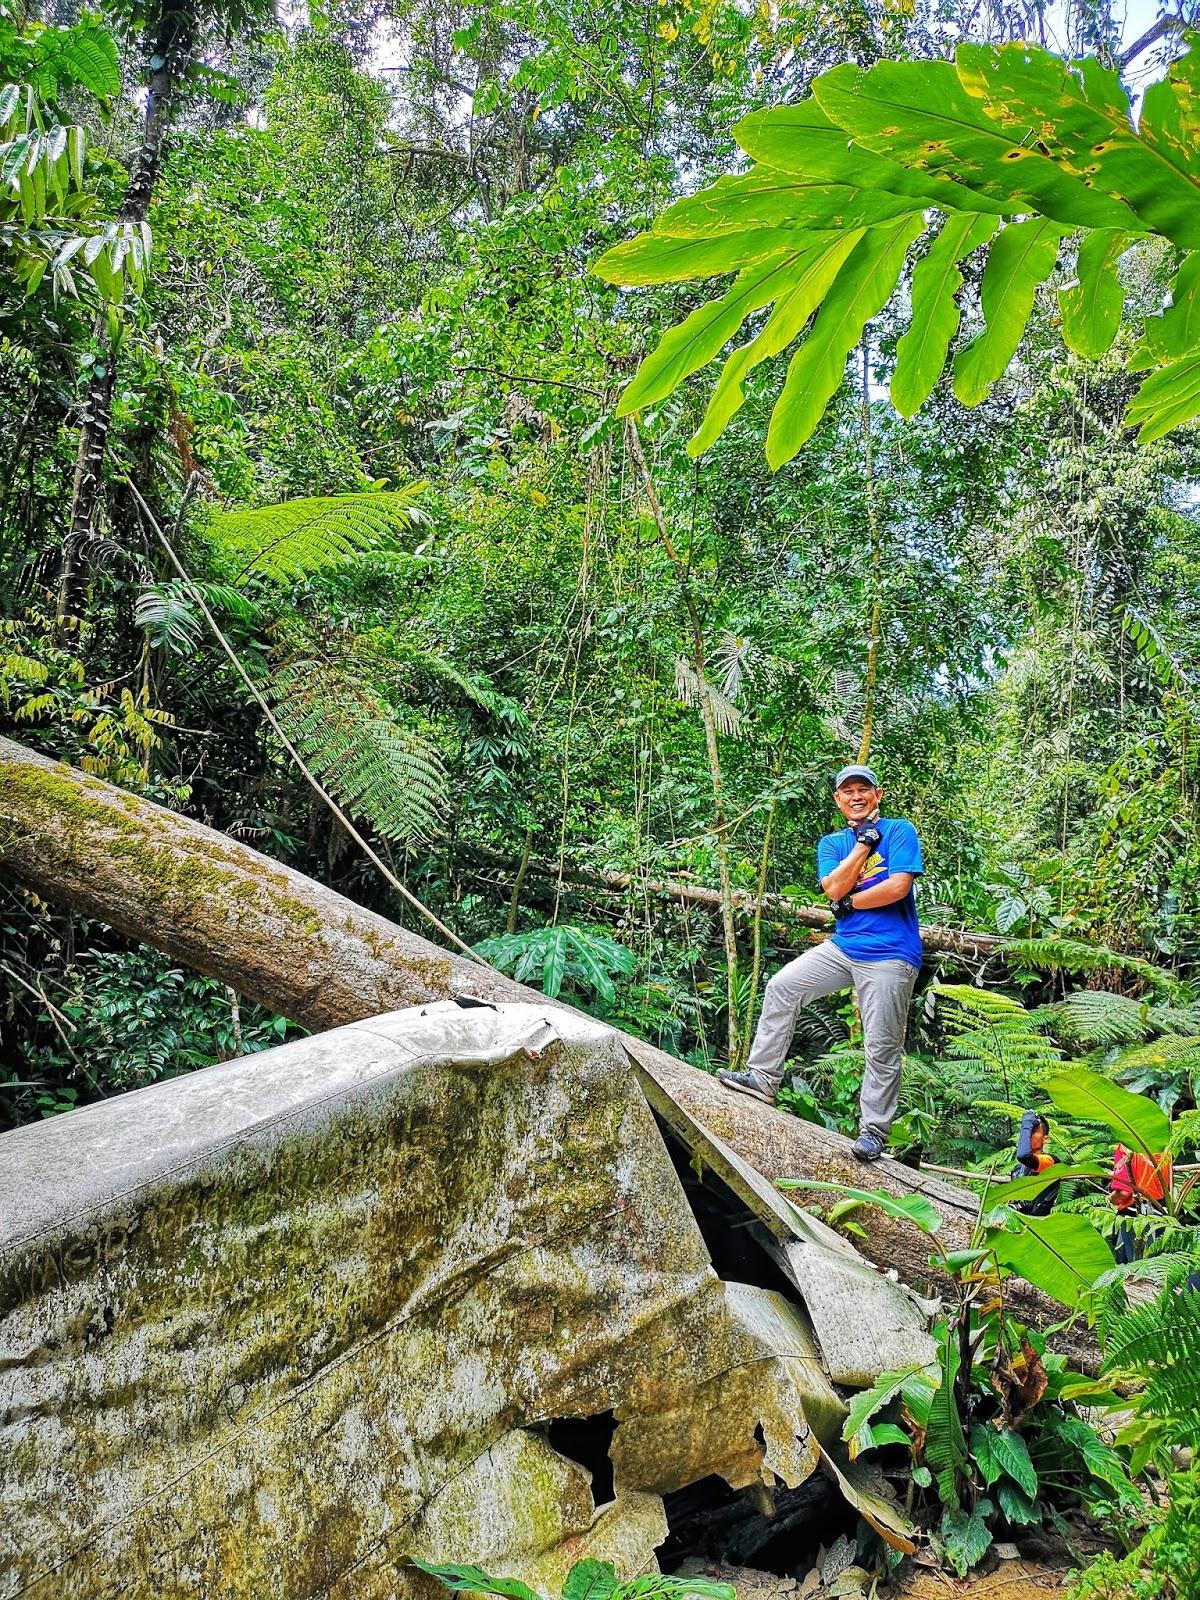 Gerua di Gunung Telapak Buruk - Crash Site